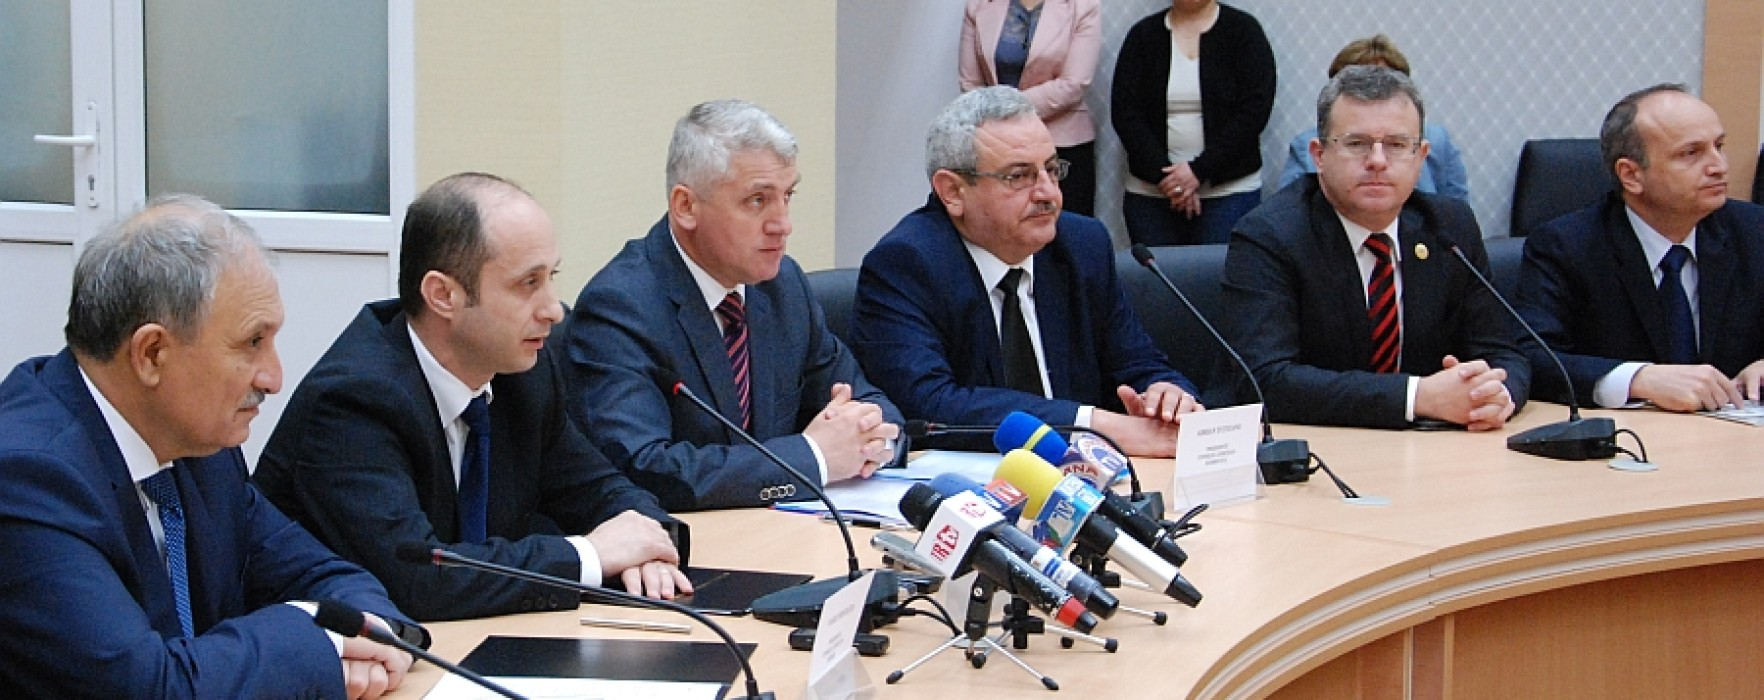 Parteneriat între Dâmbovița, Teleorman și Giurgiu pentru reabilitarea a 139 km de drumuri